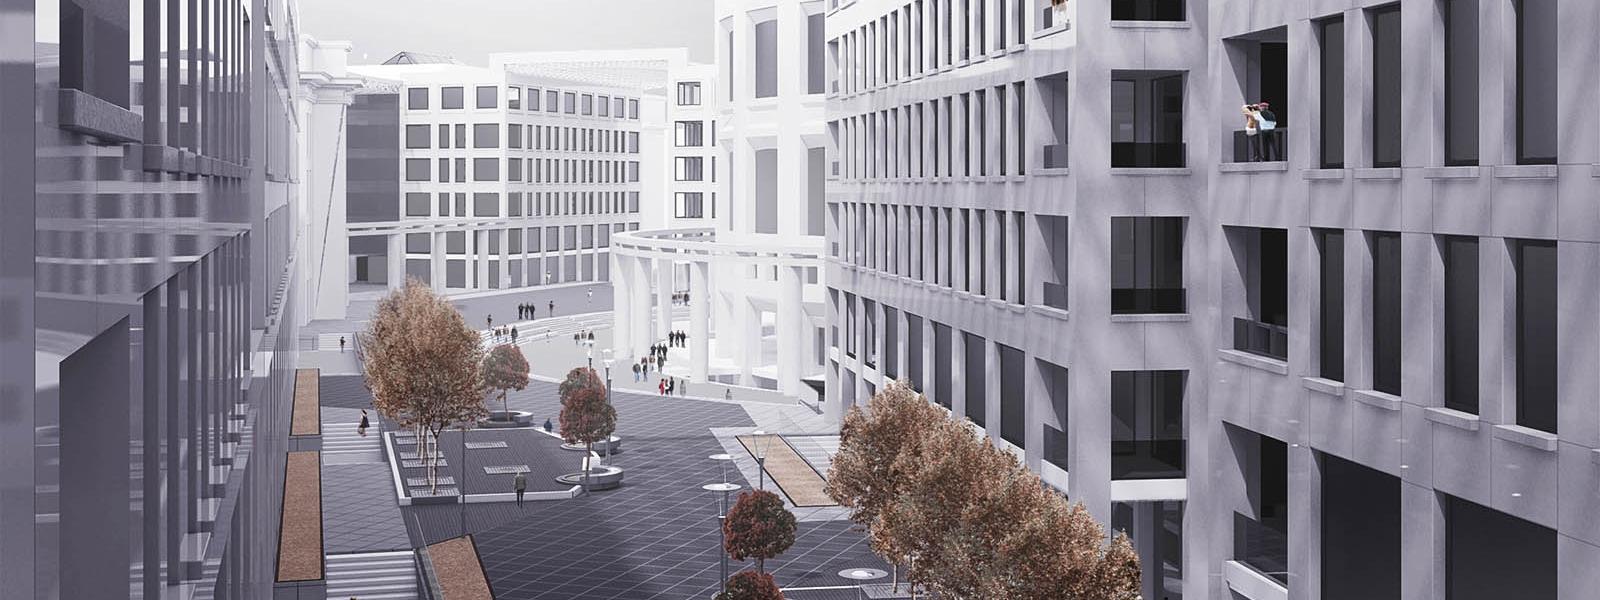 work-Реконструкция квартала на Московском проспекте в Санкт-Петербурге